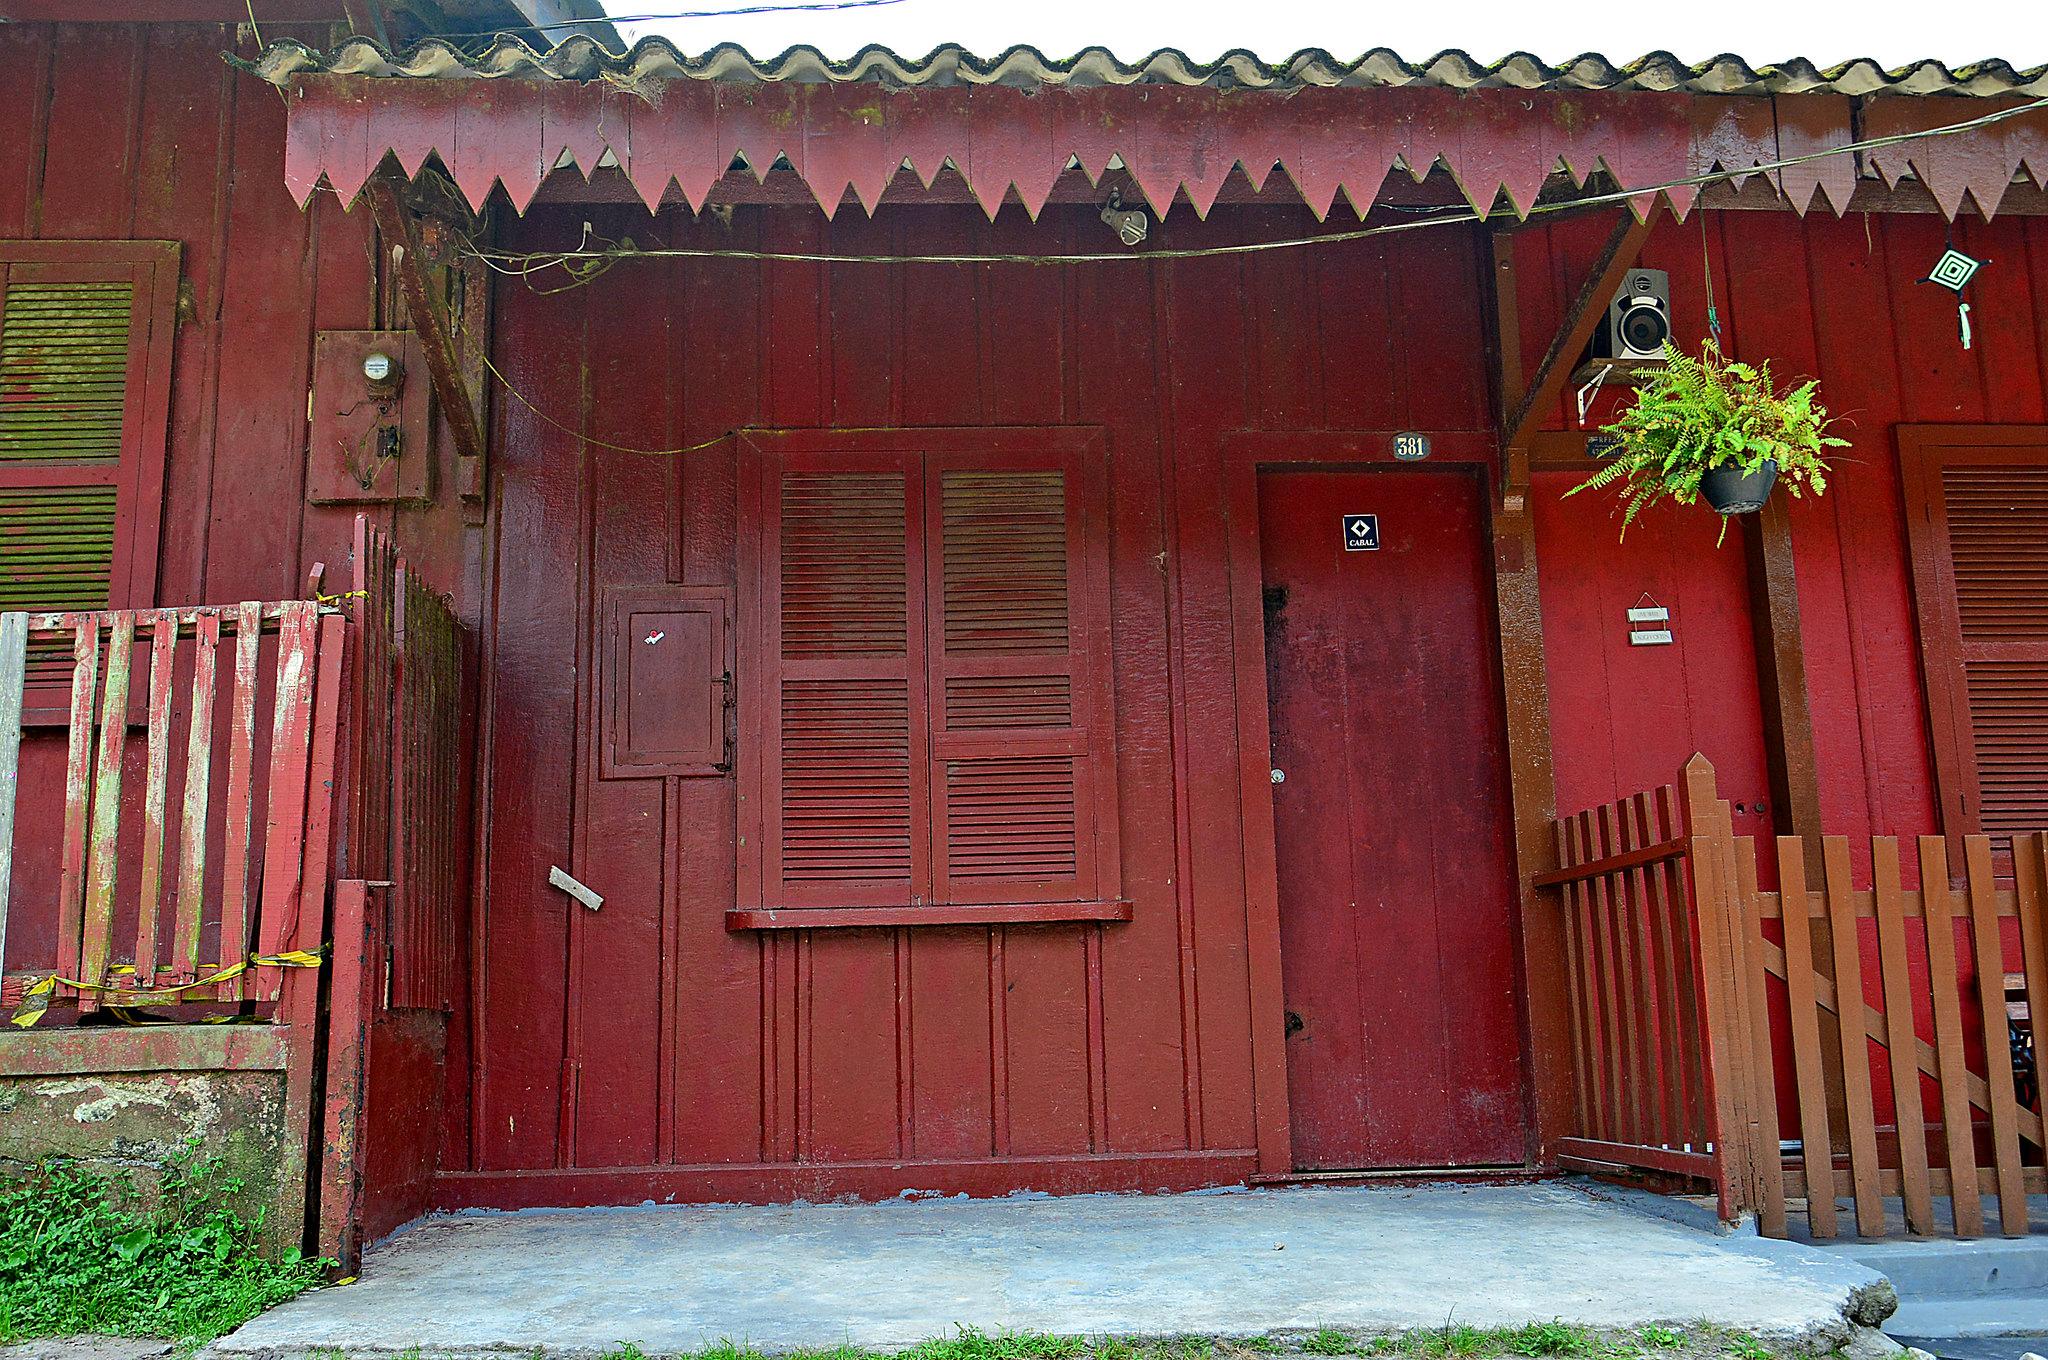 Imóvel Rua Varanda Velha, 381 - Foto - Angelo Baima_PSA